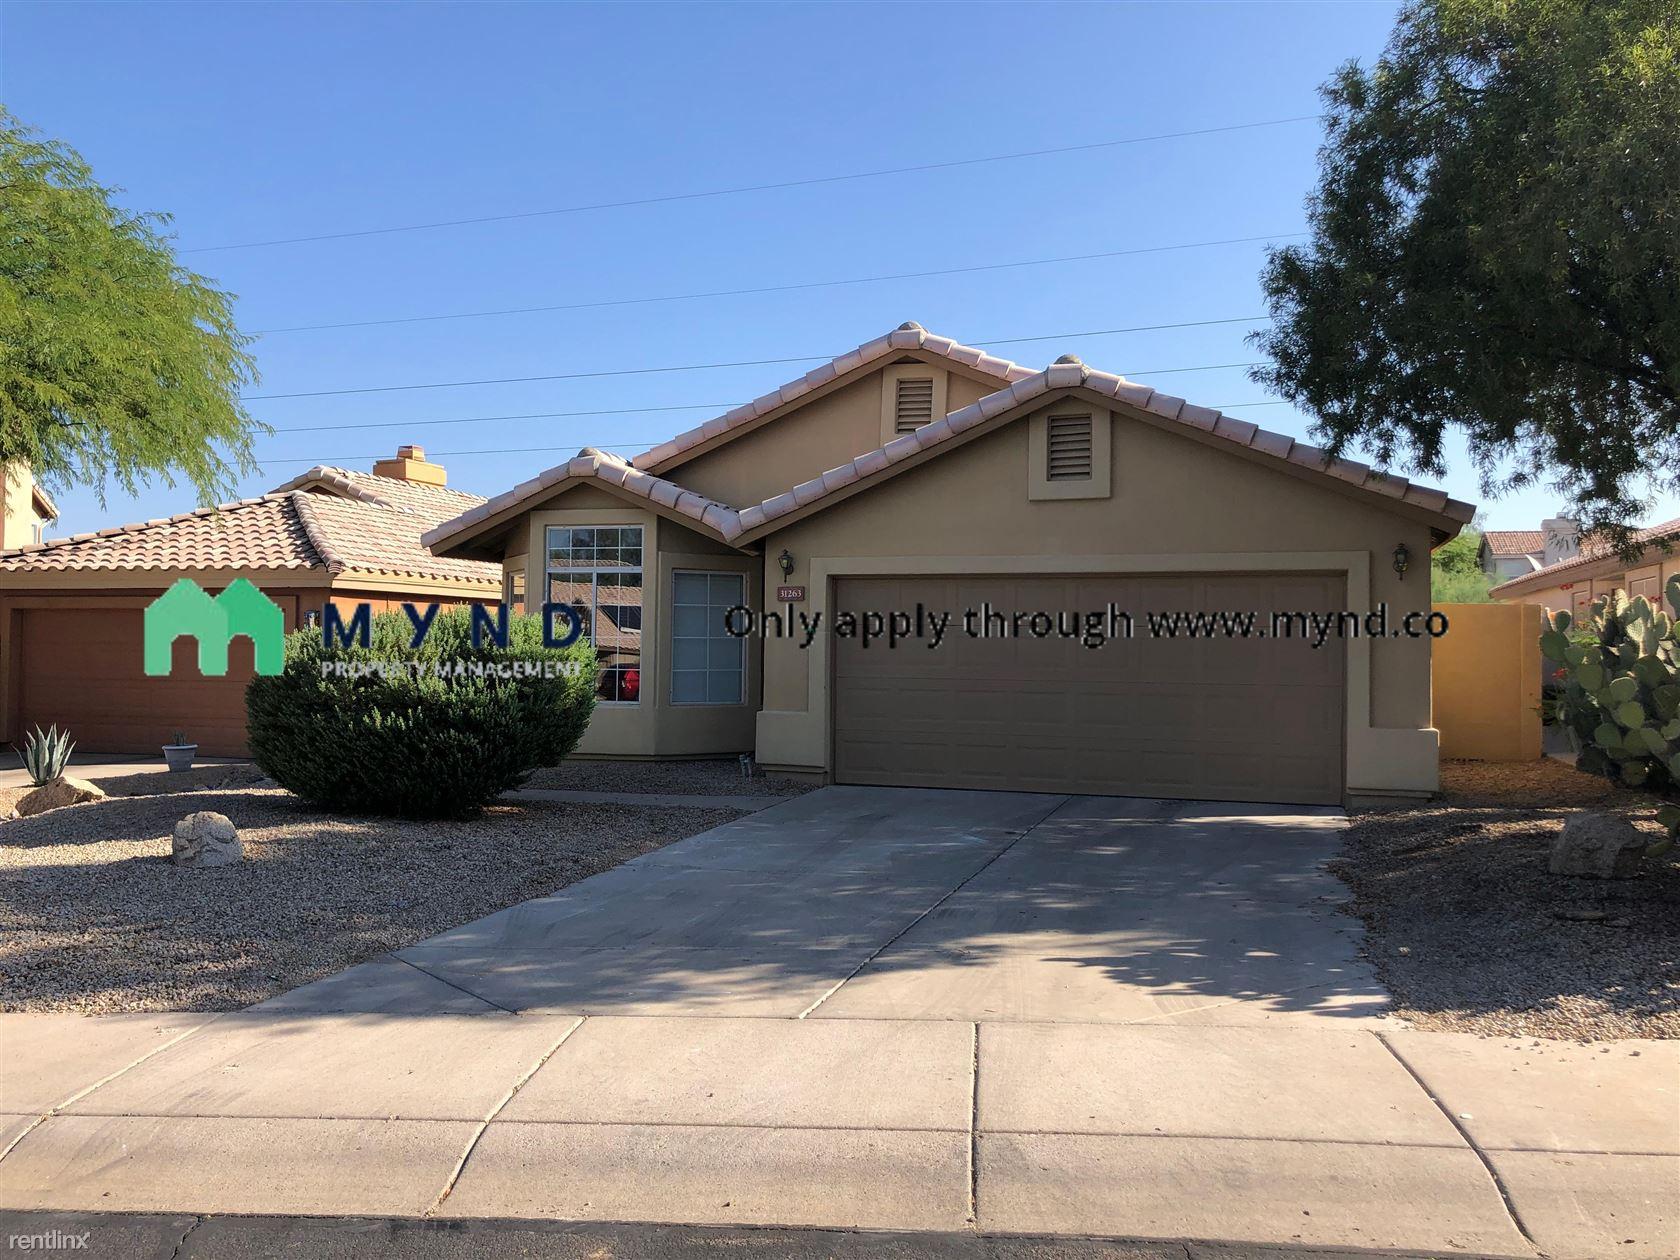 31263 N 41st St, Cave Creek, AZ - $2,000